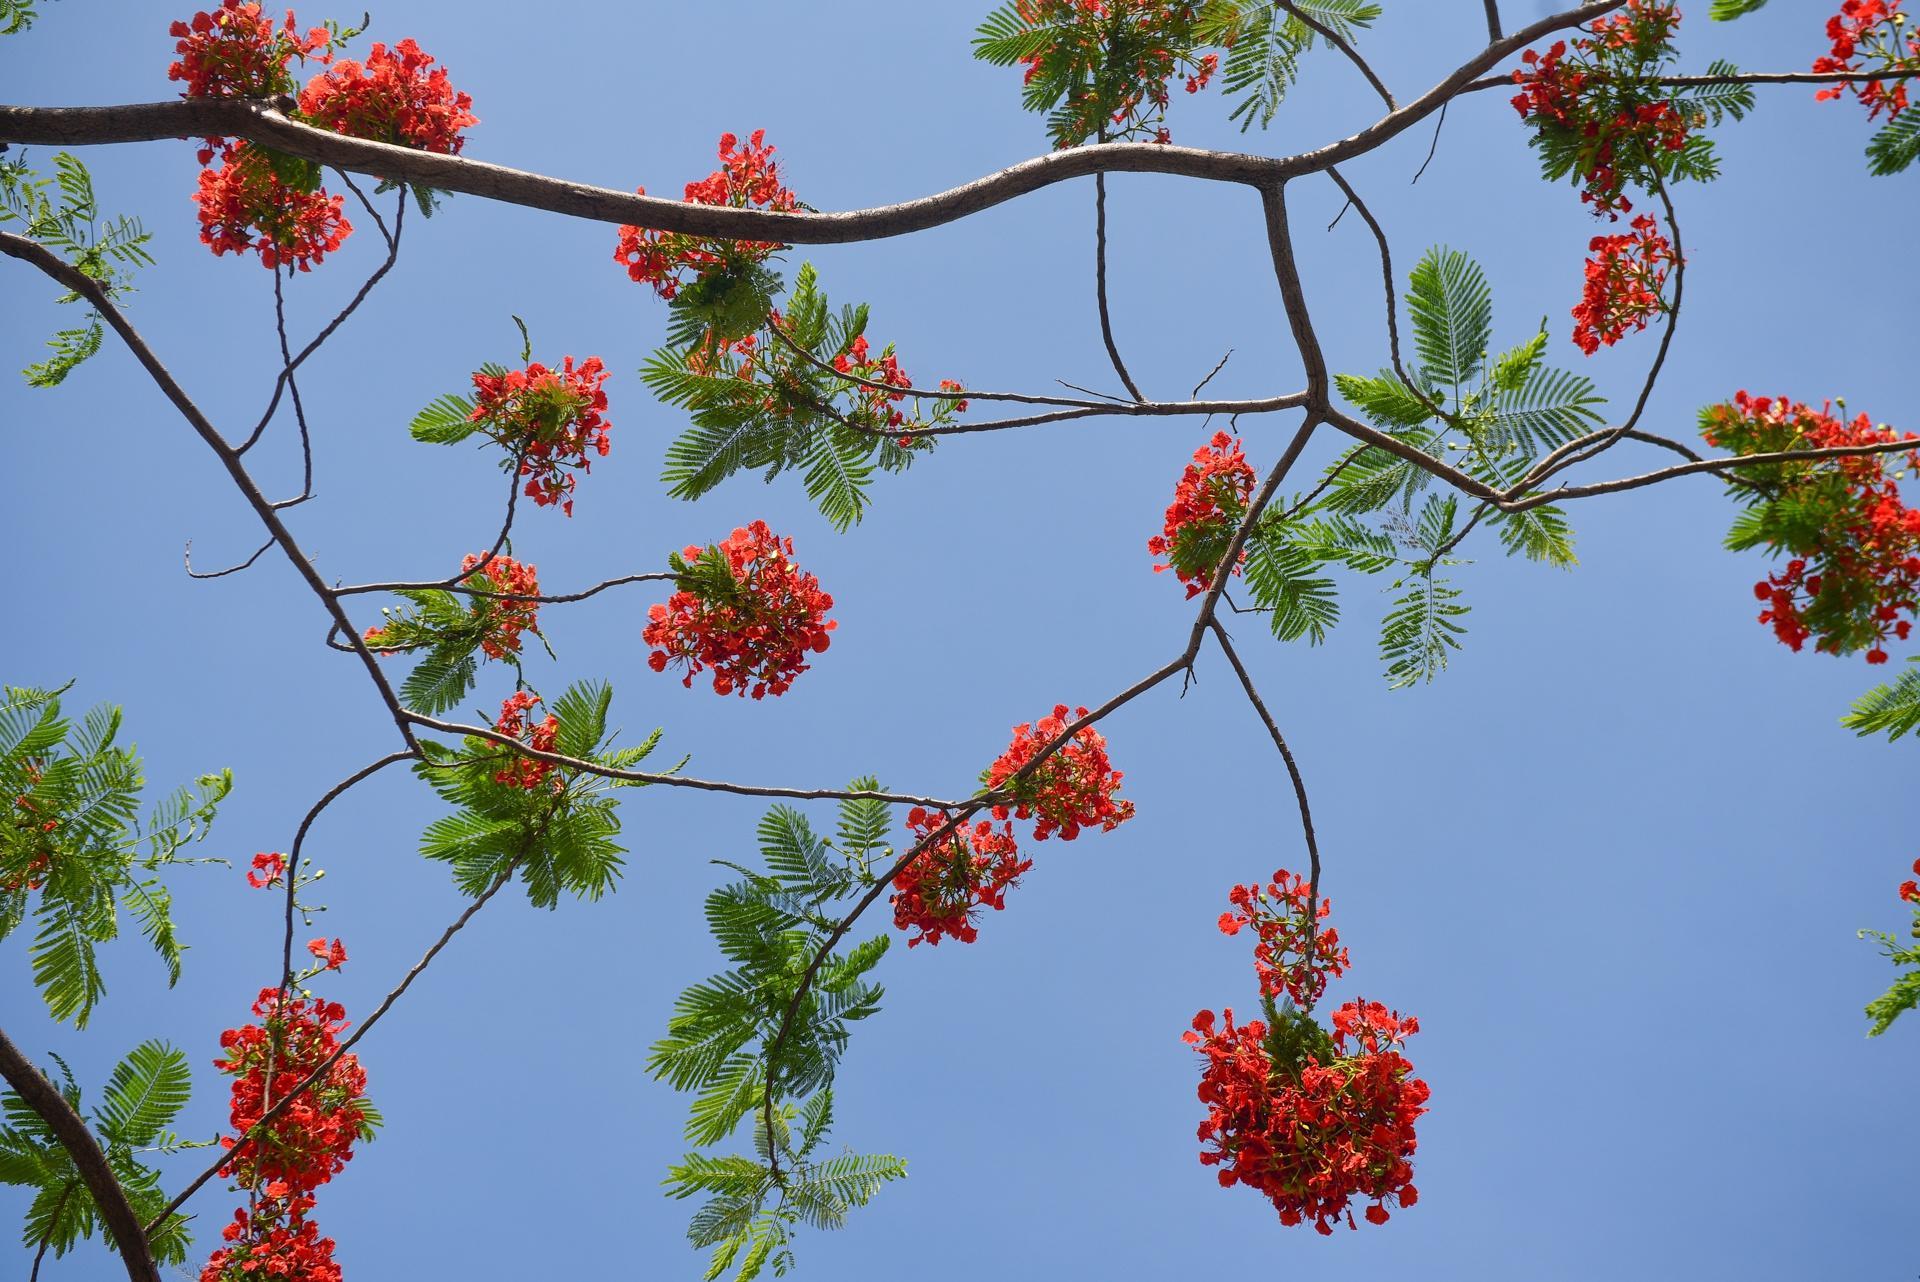 Hà Nội nơi đỏ rực rỡ nhờ hoa phượng, chỗ dát vàng bởi muồng hoàng yến Ảnh 4